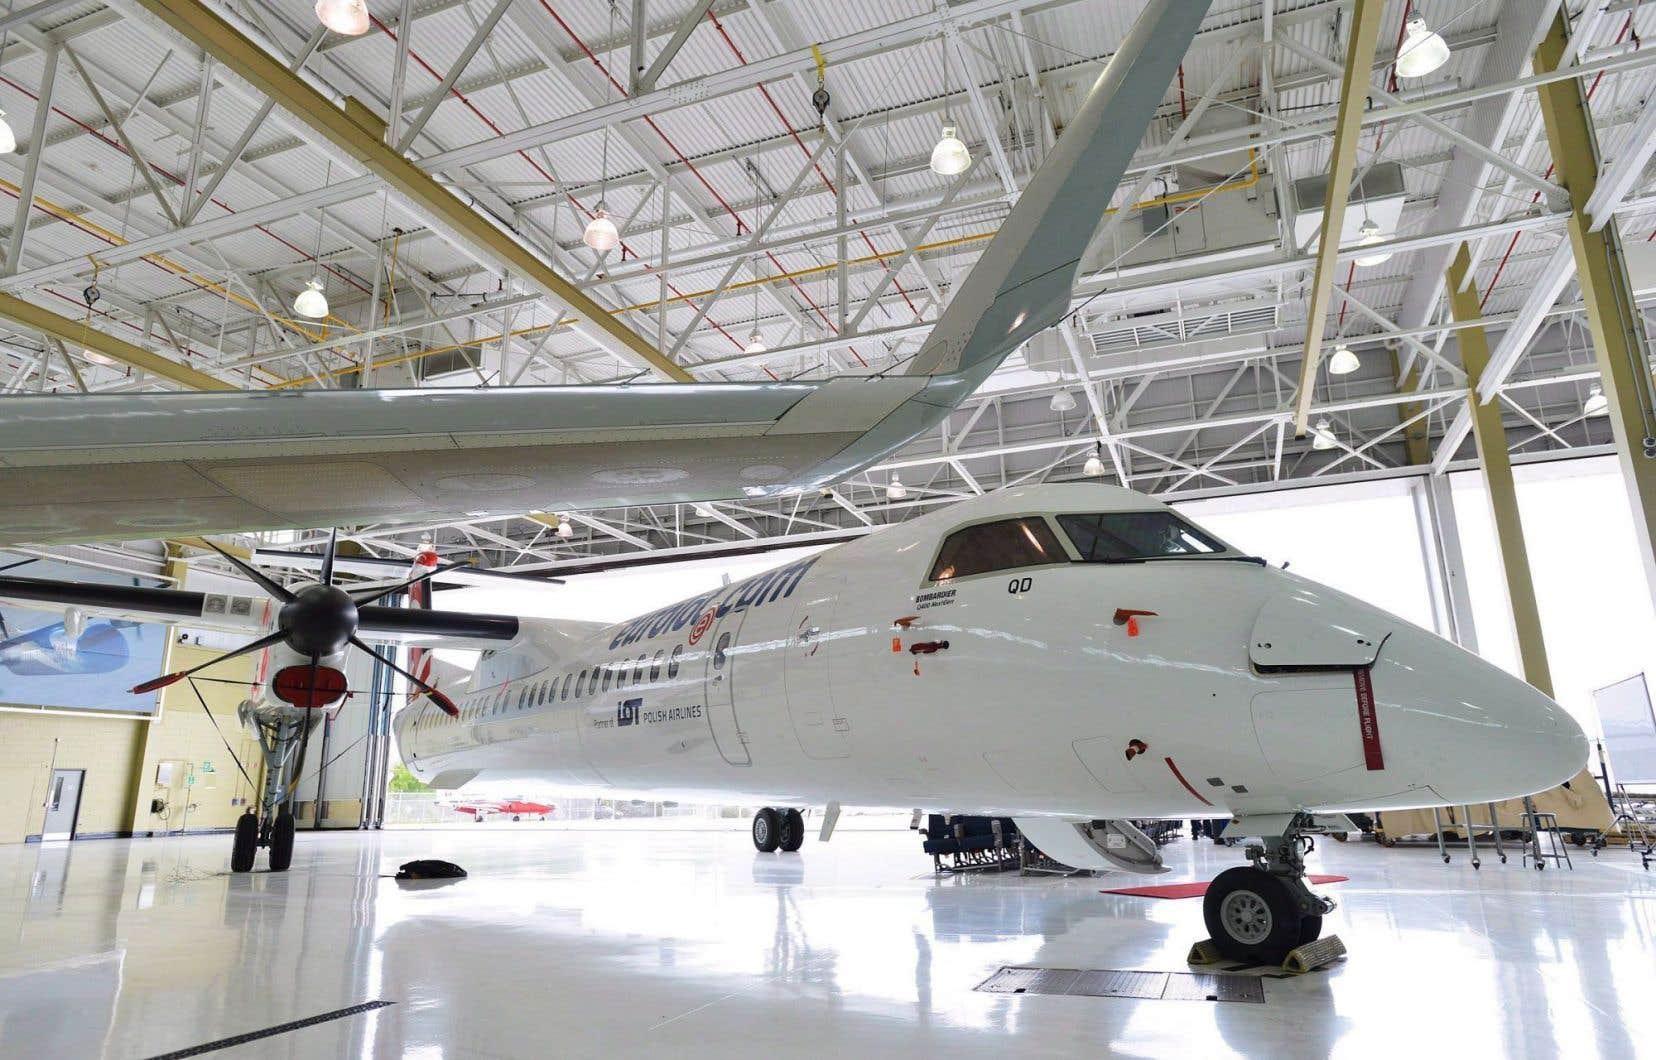 L'entente conclue avec SpiceJet est la plus importante signée par Bombardier jusqu'à maintenant au Salon de Paris, l'un des principaux événements de l'industrie aéronautique cette année.